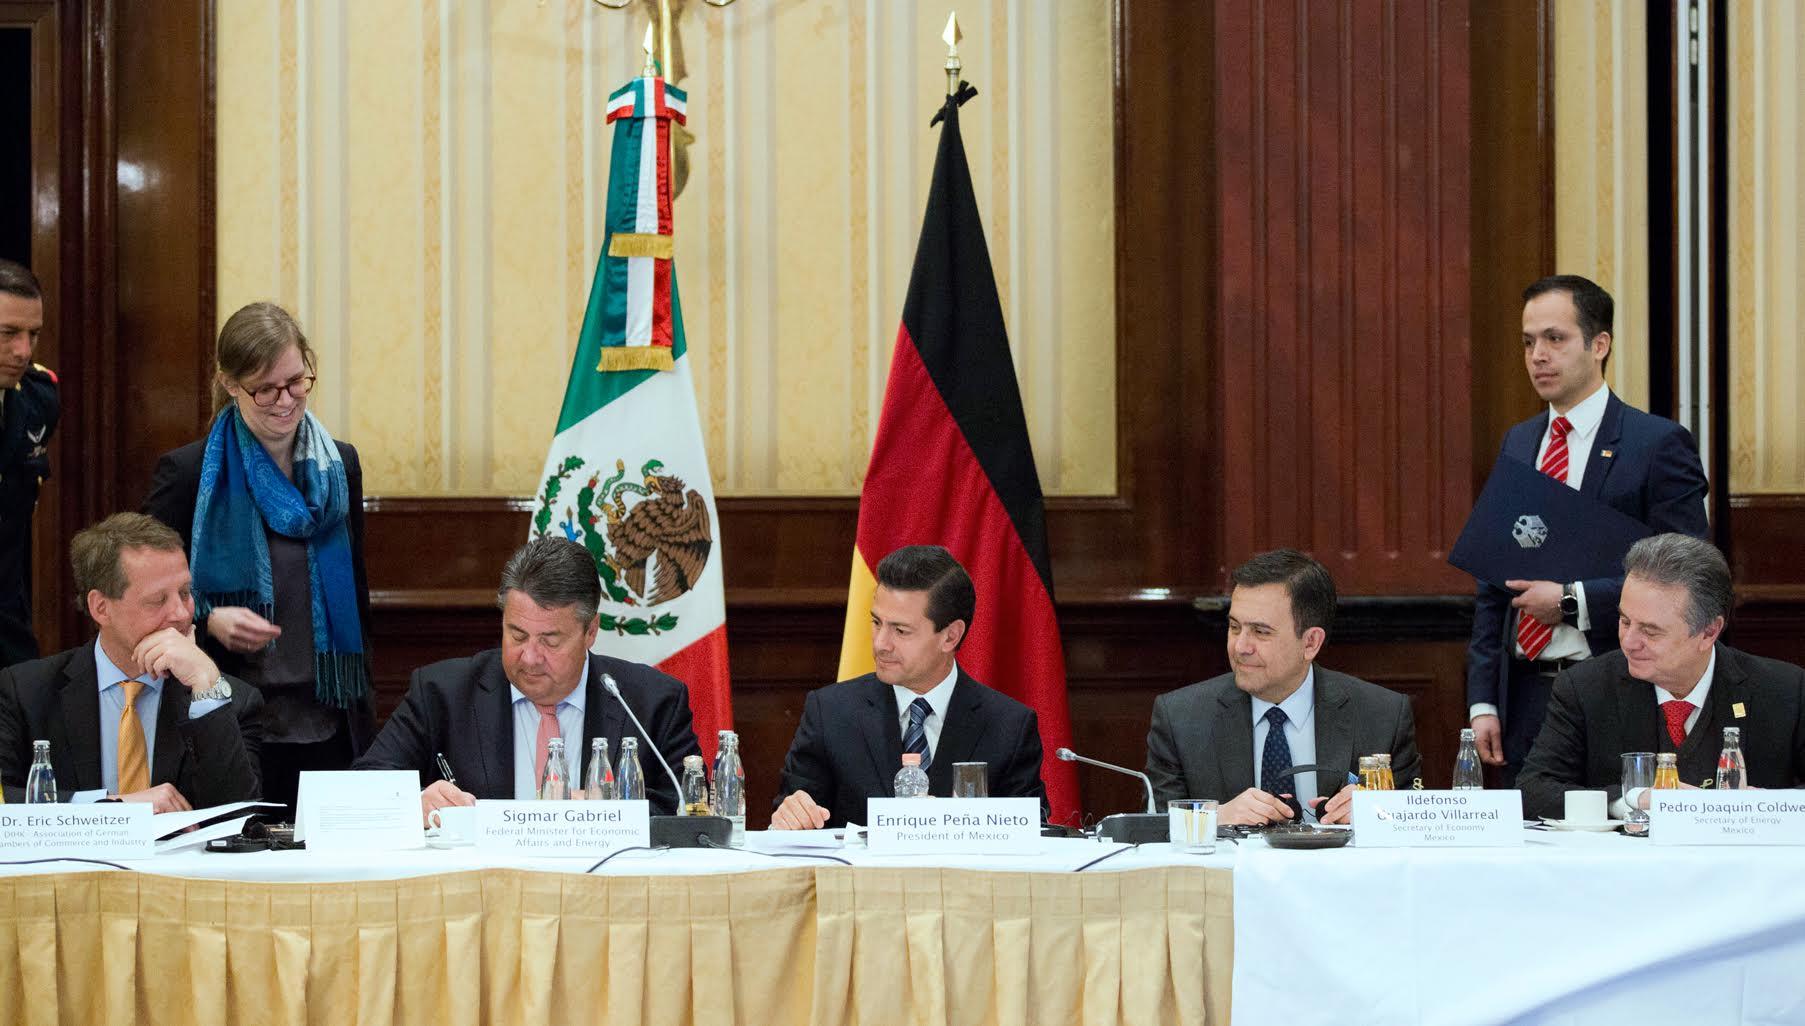 El Primer Mandatario en reunión con líderes empresariales de Alemania.